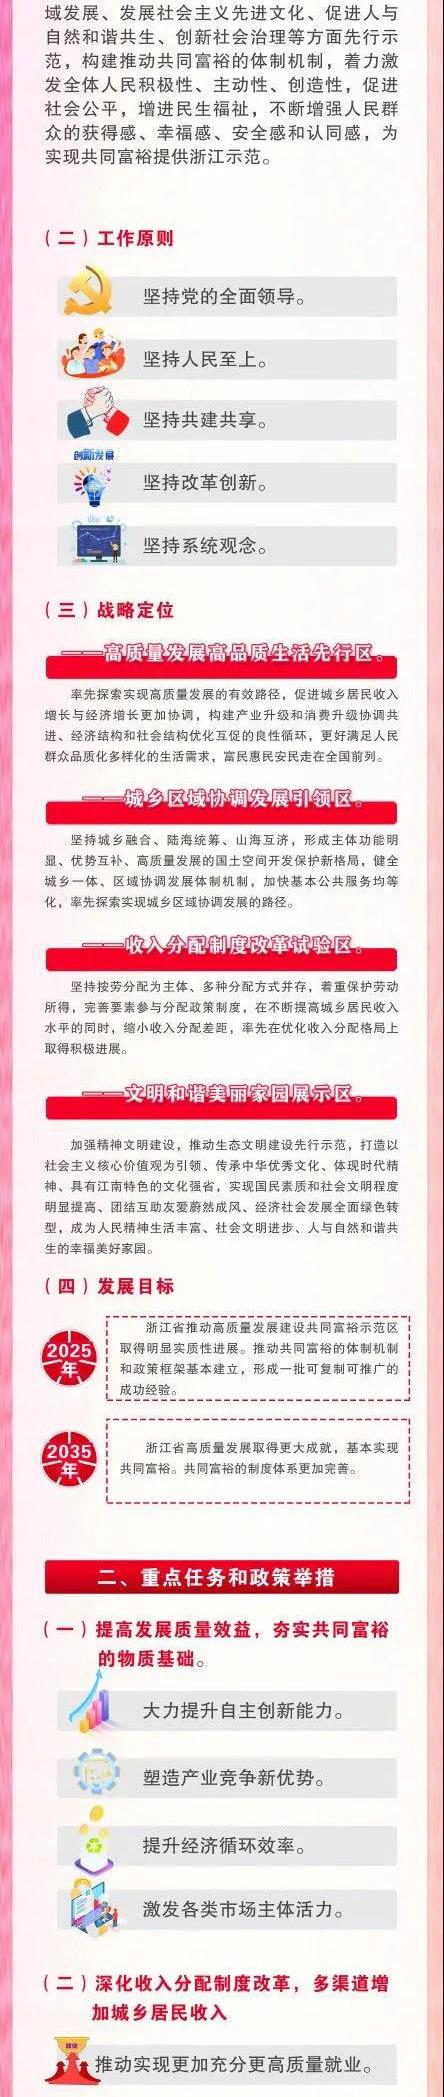 一品2品尚平台注册中央万字发文 支持浙江建设共同富裕示范区!信息量超大